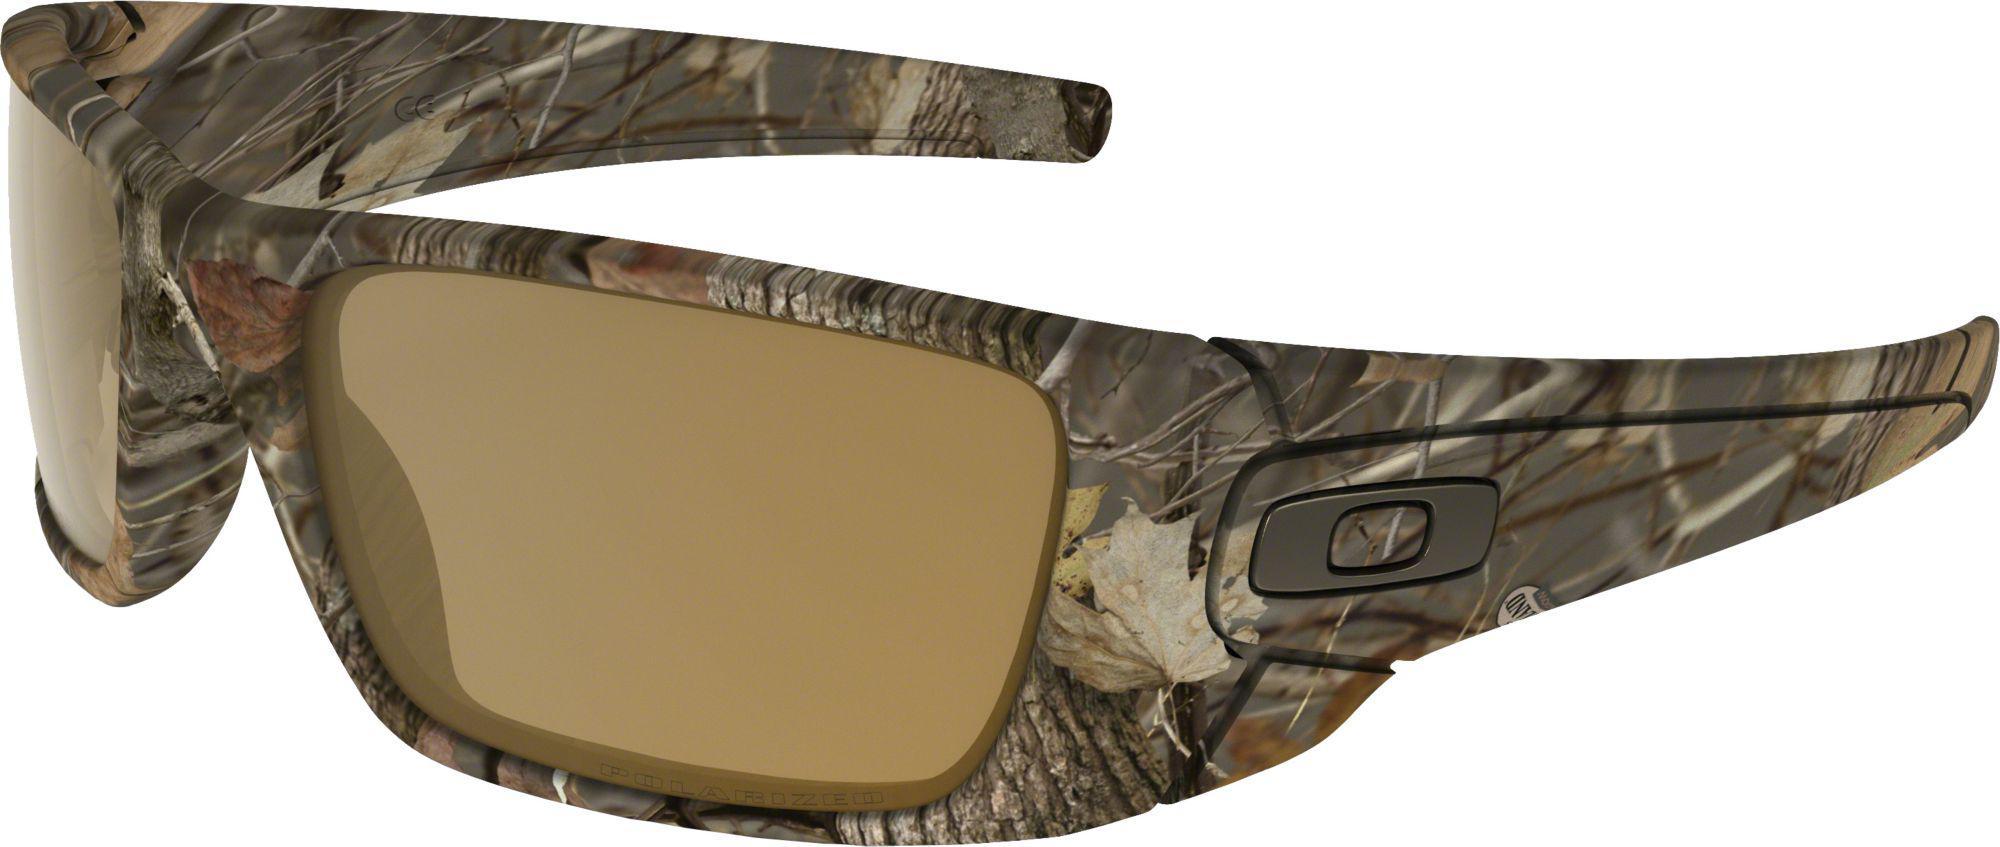 95f7da14157 Lyst - Oakley Fuel Cell Polarized Sunglasses